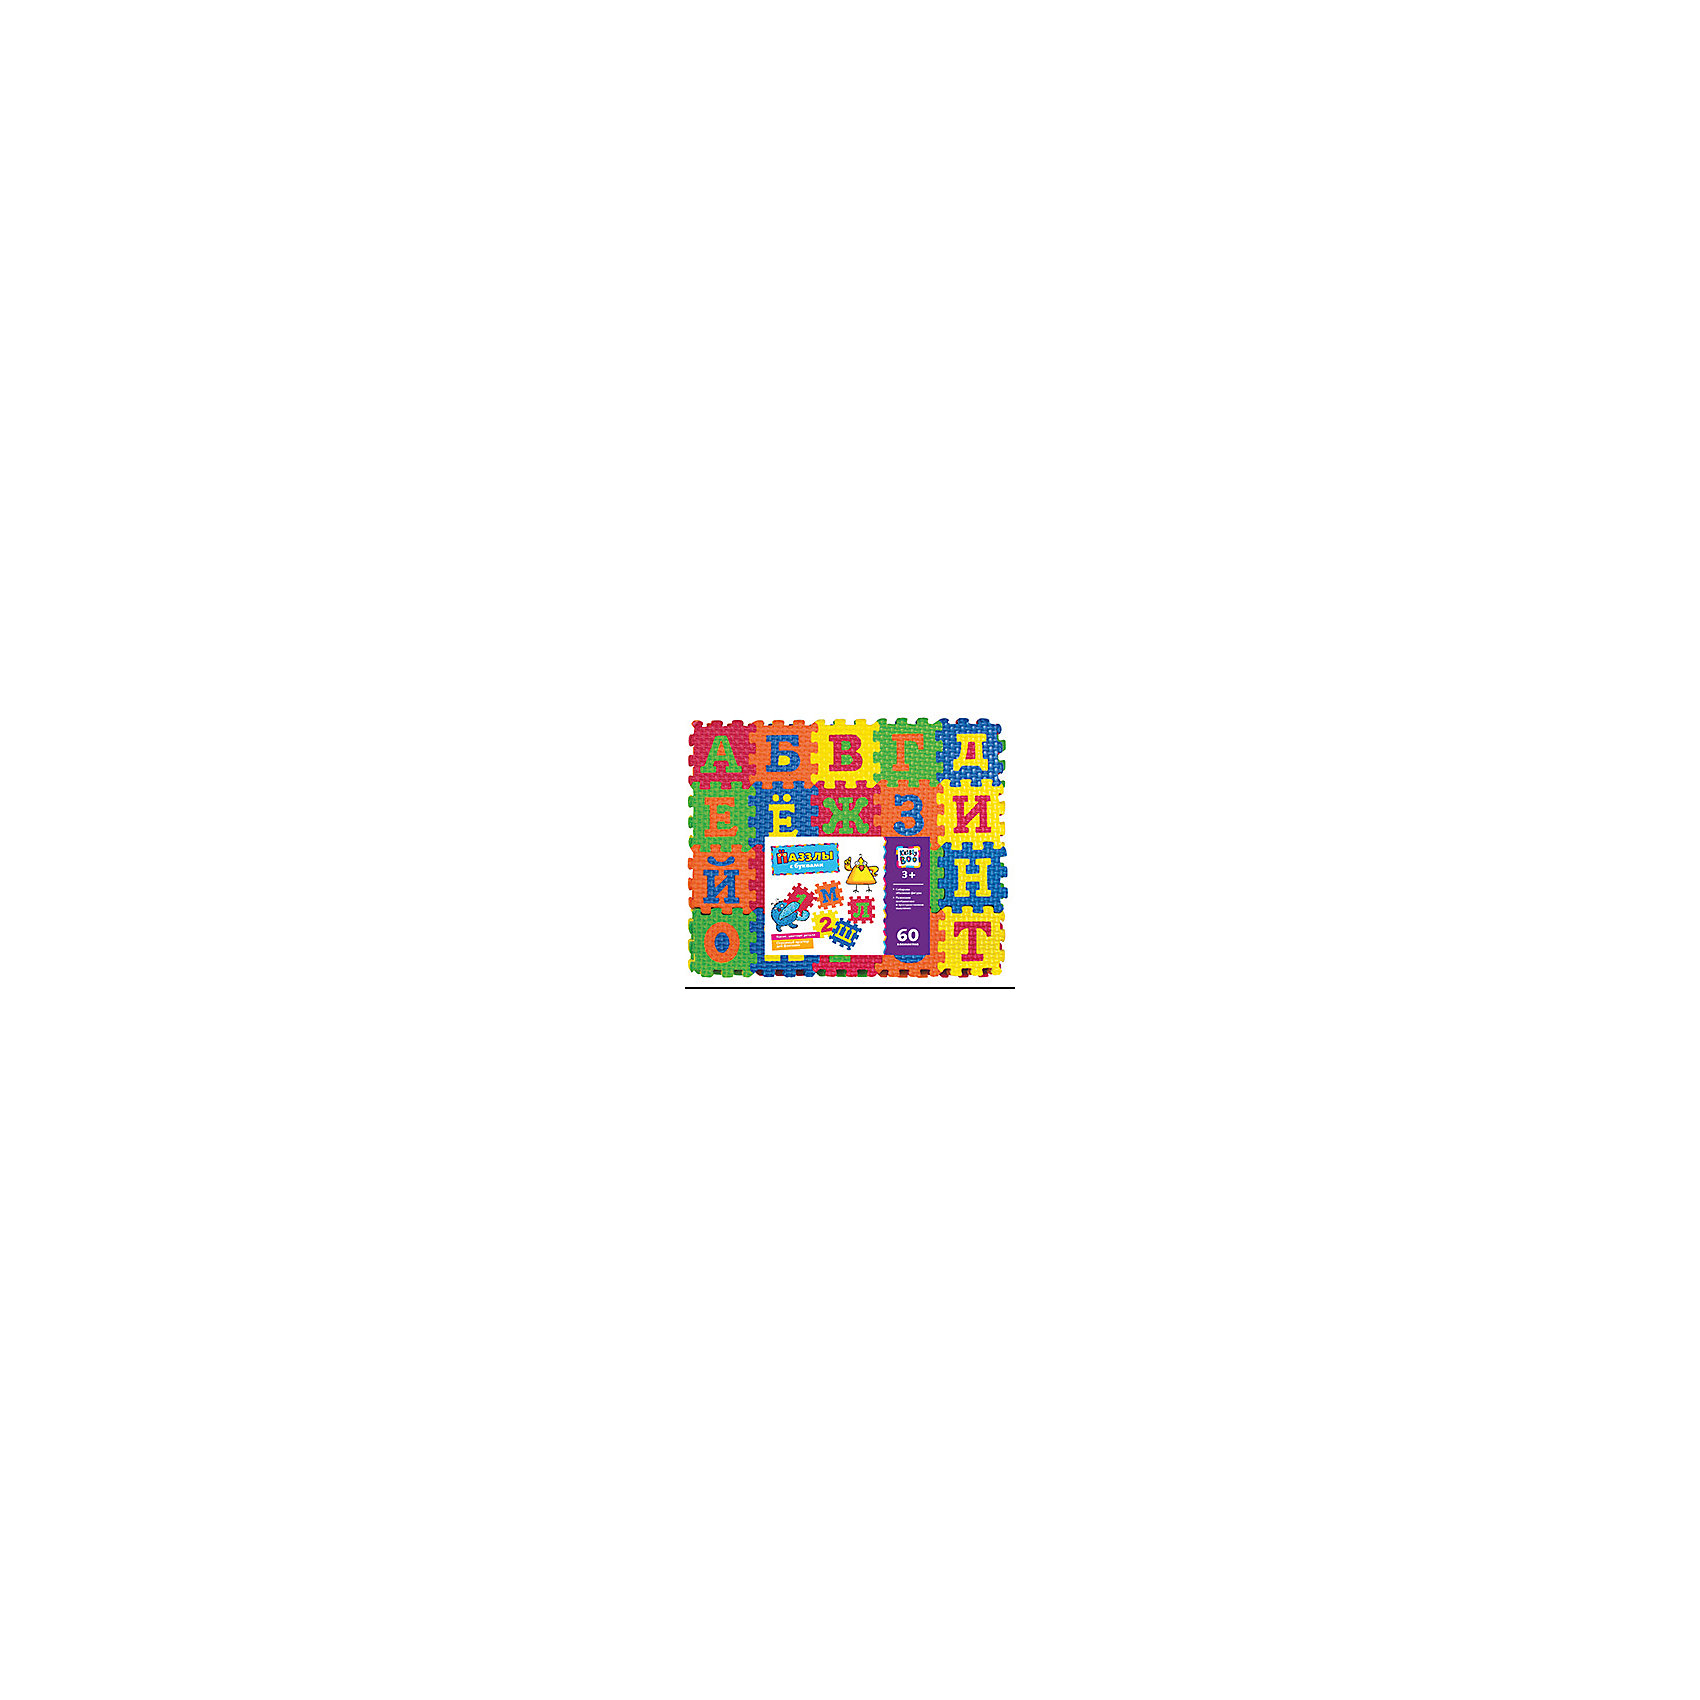 Пазлы с буквами, 60 элементов, KriblyBooПазлы с буквами, 60 элементов, KriblyBoo (Крибли Бу).<br><br>Характеристики:<br><br>• поможет выучить буквы<br>• ребенок сможет сам собрать пазлы<br>• яркий дизайн<br>• количество элементов: 60<br>• материал: ЭВА<br>• размер упаковки: 22х6х25 см<br>• вес: 200 грамм<br><br>Пазлы Крибли Бу содержит 60 ярких объемных деталей, с помощью которых ребенок сможет научиться собирать пазлы, фигуры, а также выучит буквы и цвета. Все элементы имеют одинаковый размер, что особенно удобно при создании фигур. Готовый пазл можно использовать как удобный коврик. Игра хорошо развивает пространственное мышление и фантазию. С этими пазлами ваш ребенок быстро выучит буквы и цвета!<br><br>Пазлы с буквами, 60 элементов, KriblyBoo (Крибли Бу) вы можете купить в нашем интернет-магазине.<br><br>Ширина мм: 250<br>Глубина мм: 60<br>Высота мм: 220<br>Вес г: 200<br>Возраст от месяцев: 36<br>Возраст до месяцев: 120<br>Пол: Унисекс<br>Возраст: Детский<br>SKU: 5017687